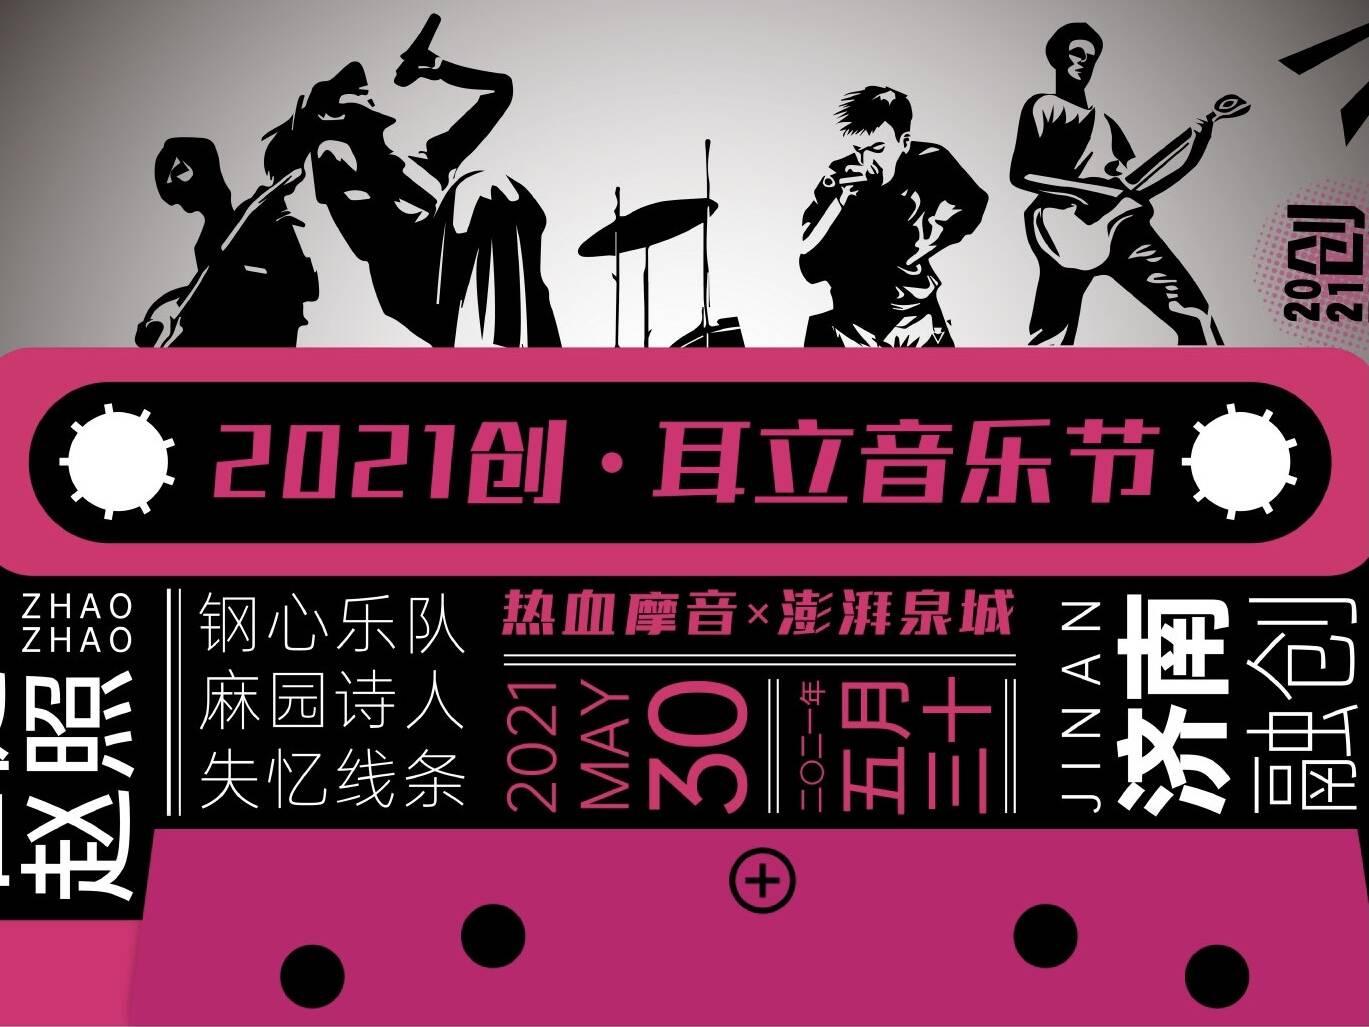 创·耳立音乐节激情开唱 欢迎来到五月最后一场夏日周末狂欢